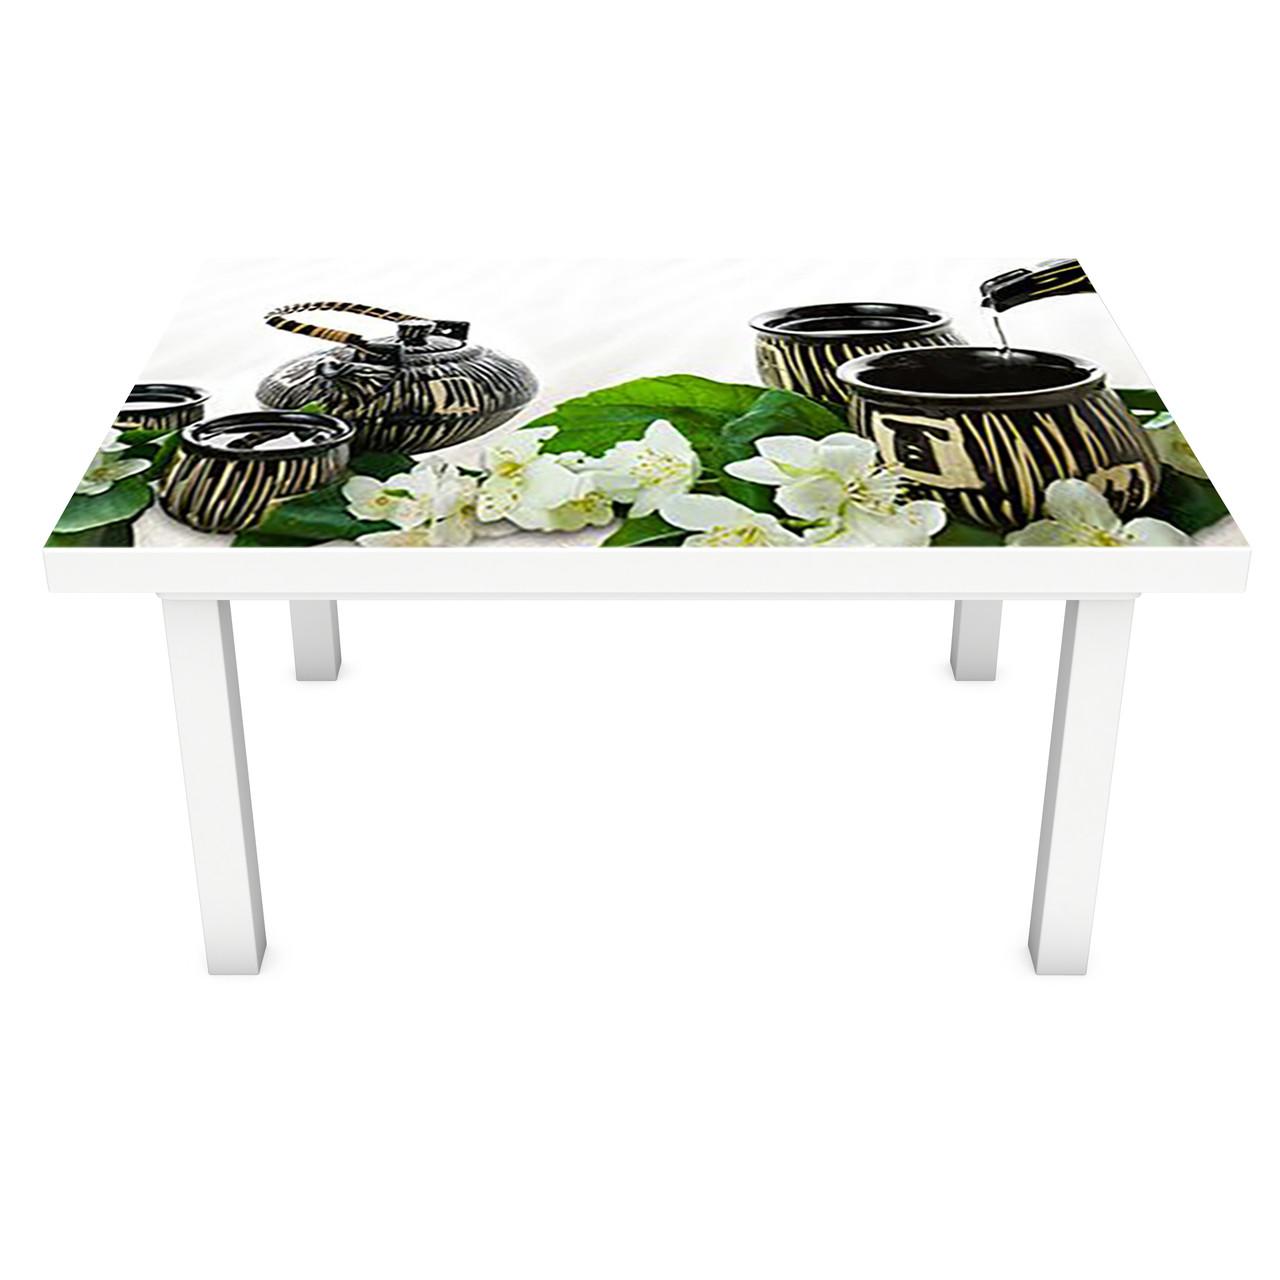 Наклейка на стол виниловая Чай и Жасмин ПВХ пленка для мебели интерьерная 3D азия восток белый 600*1200 мм